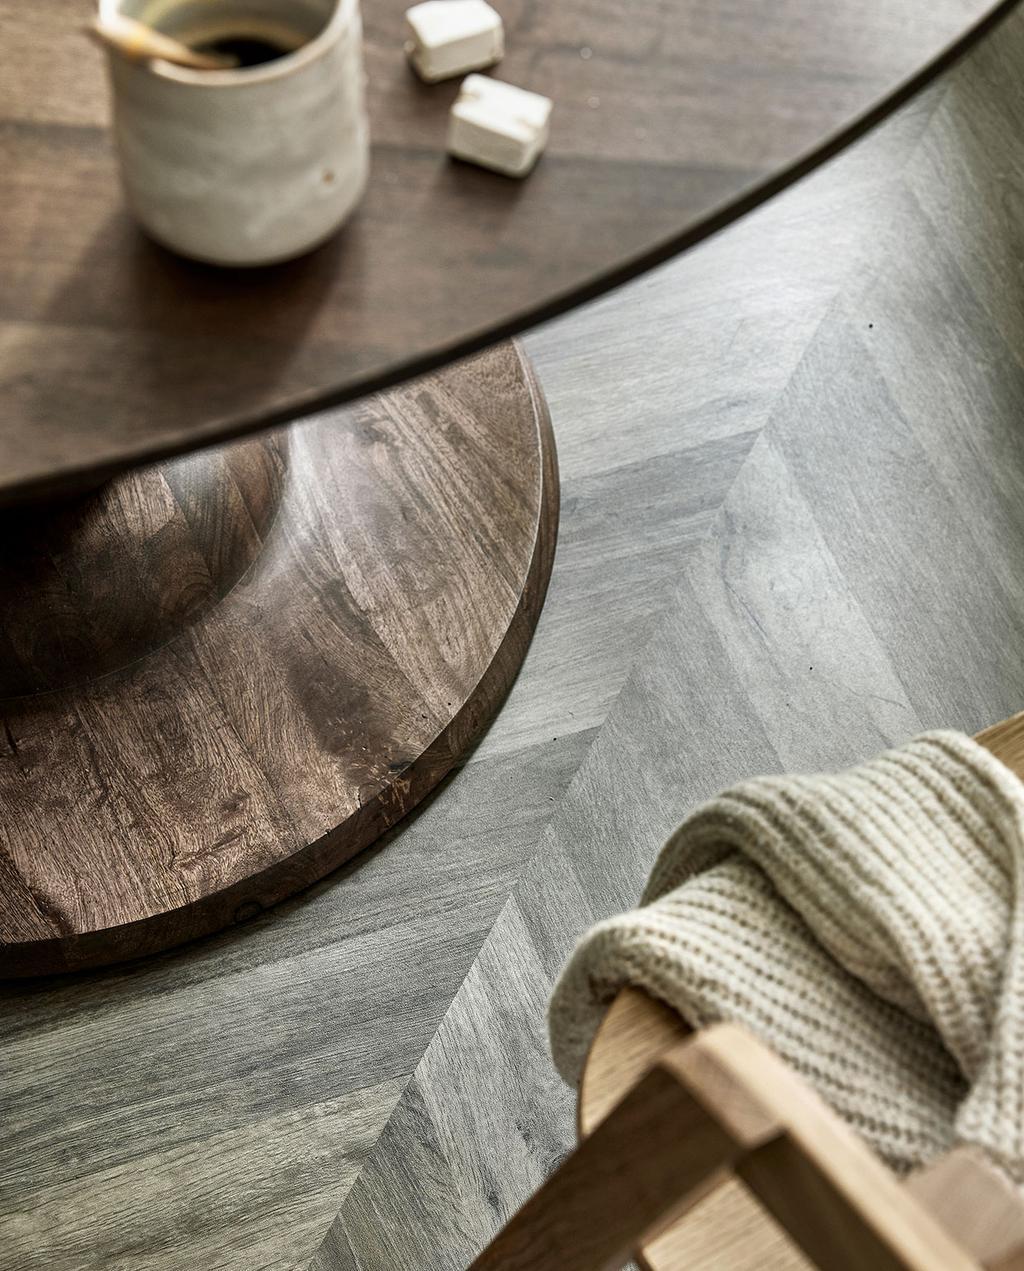 vtwonen 07-2021 | Hongaarse punt patroon vloer met ronde houten tafel, de vloer is de zoethout versie van de Novilon vloeren